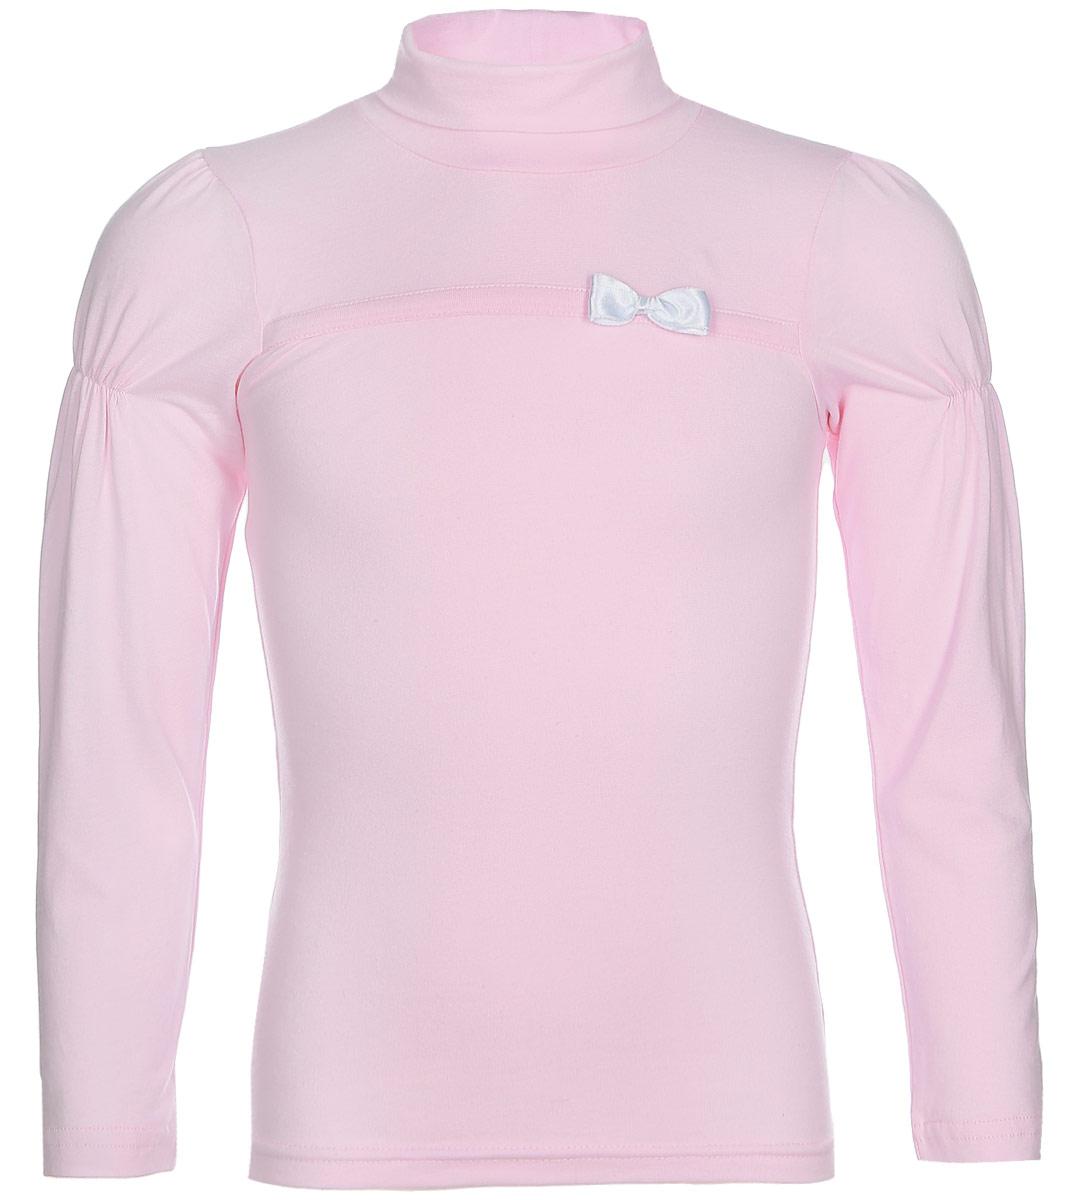 Водолазка для девочки LeadGen, цвет: розовый. G935006616-172. Размер 158G935006616-172Водолазка для девочки LeadGen выполнена из эластичного хлопкового трикотажа. Модель с длинными рукавами и воротником-гольф на груди оформлена лаконичным бантиком. Рукава на плечах присборены.